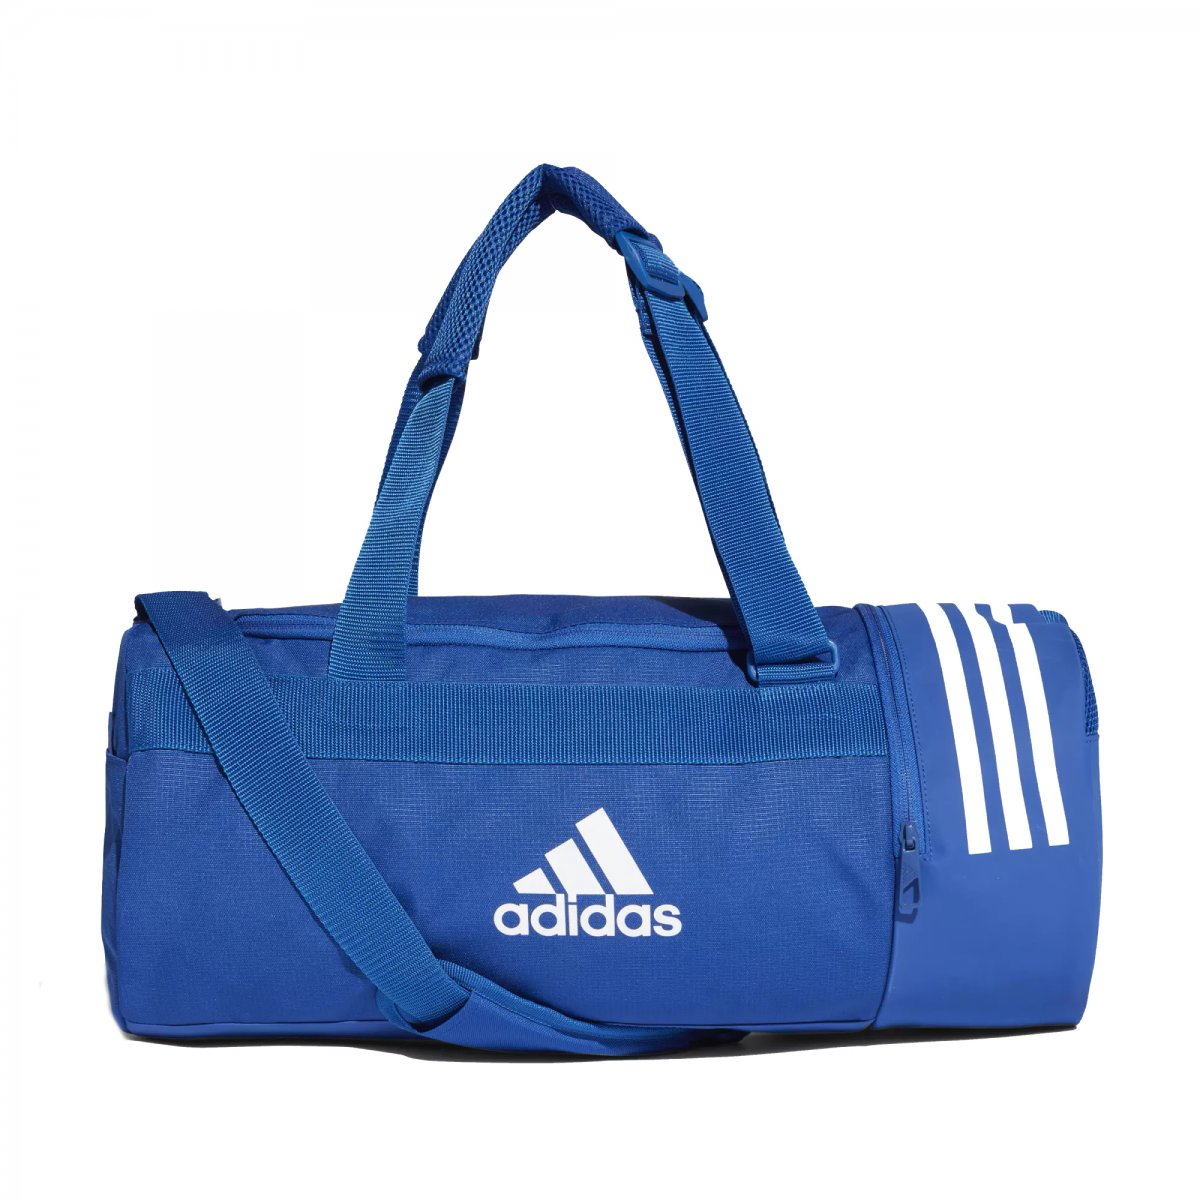 ffeafe714acb1 Ajita Tênis   Bolsa Adidas Cvrt 3S Duf s DN7784   Marca: Adidas ...